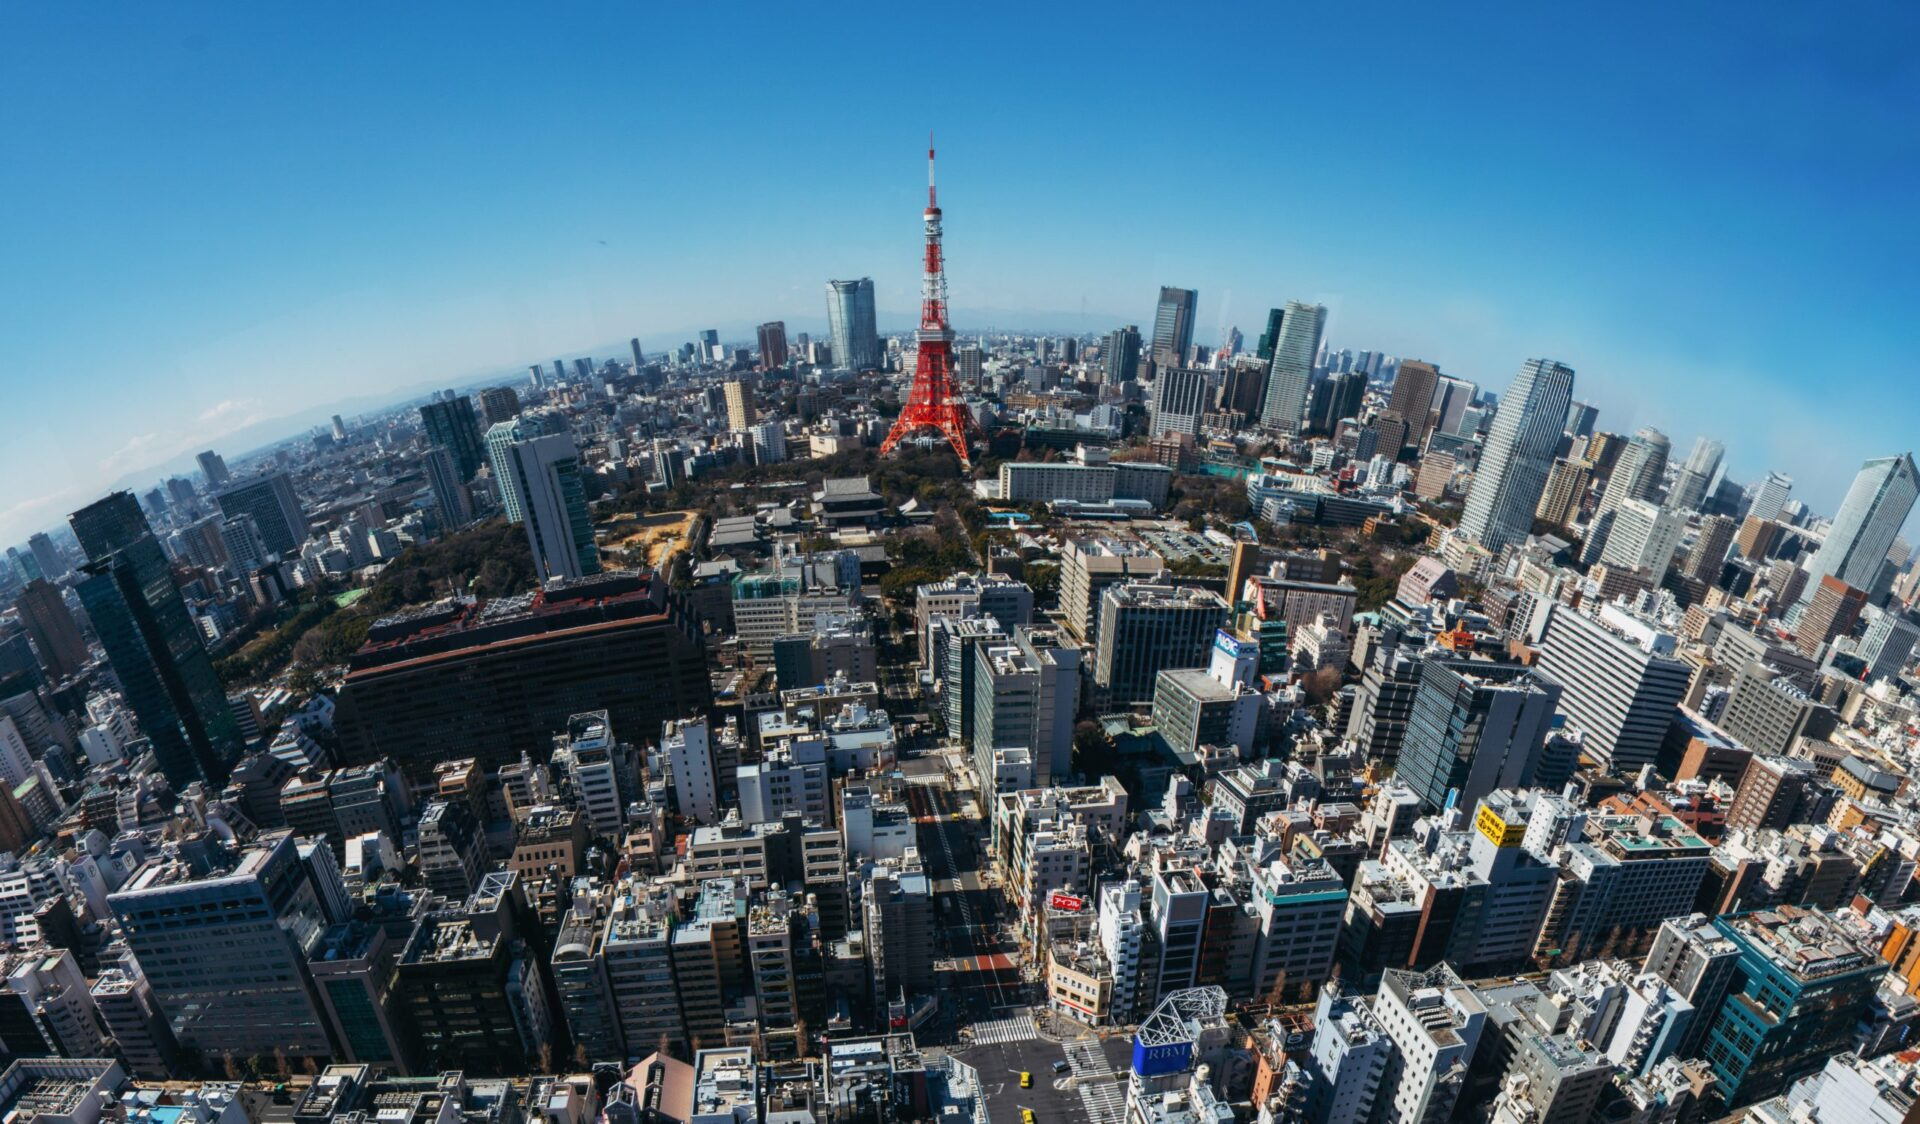 施工管理の将来性は明るい【東京オリンピック後も問題ないかなと】